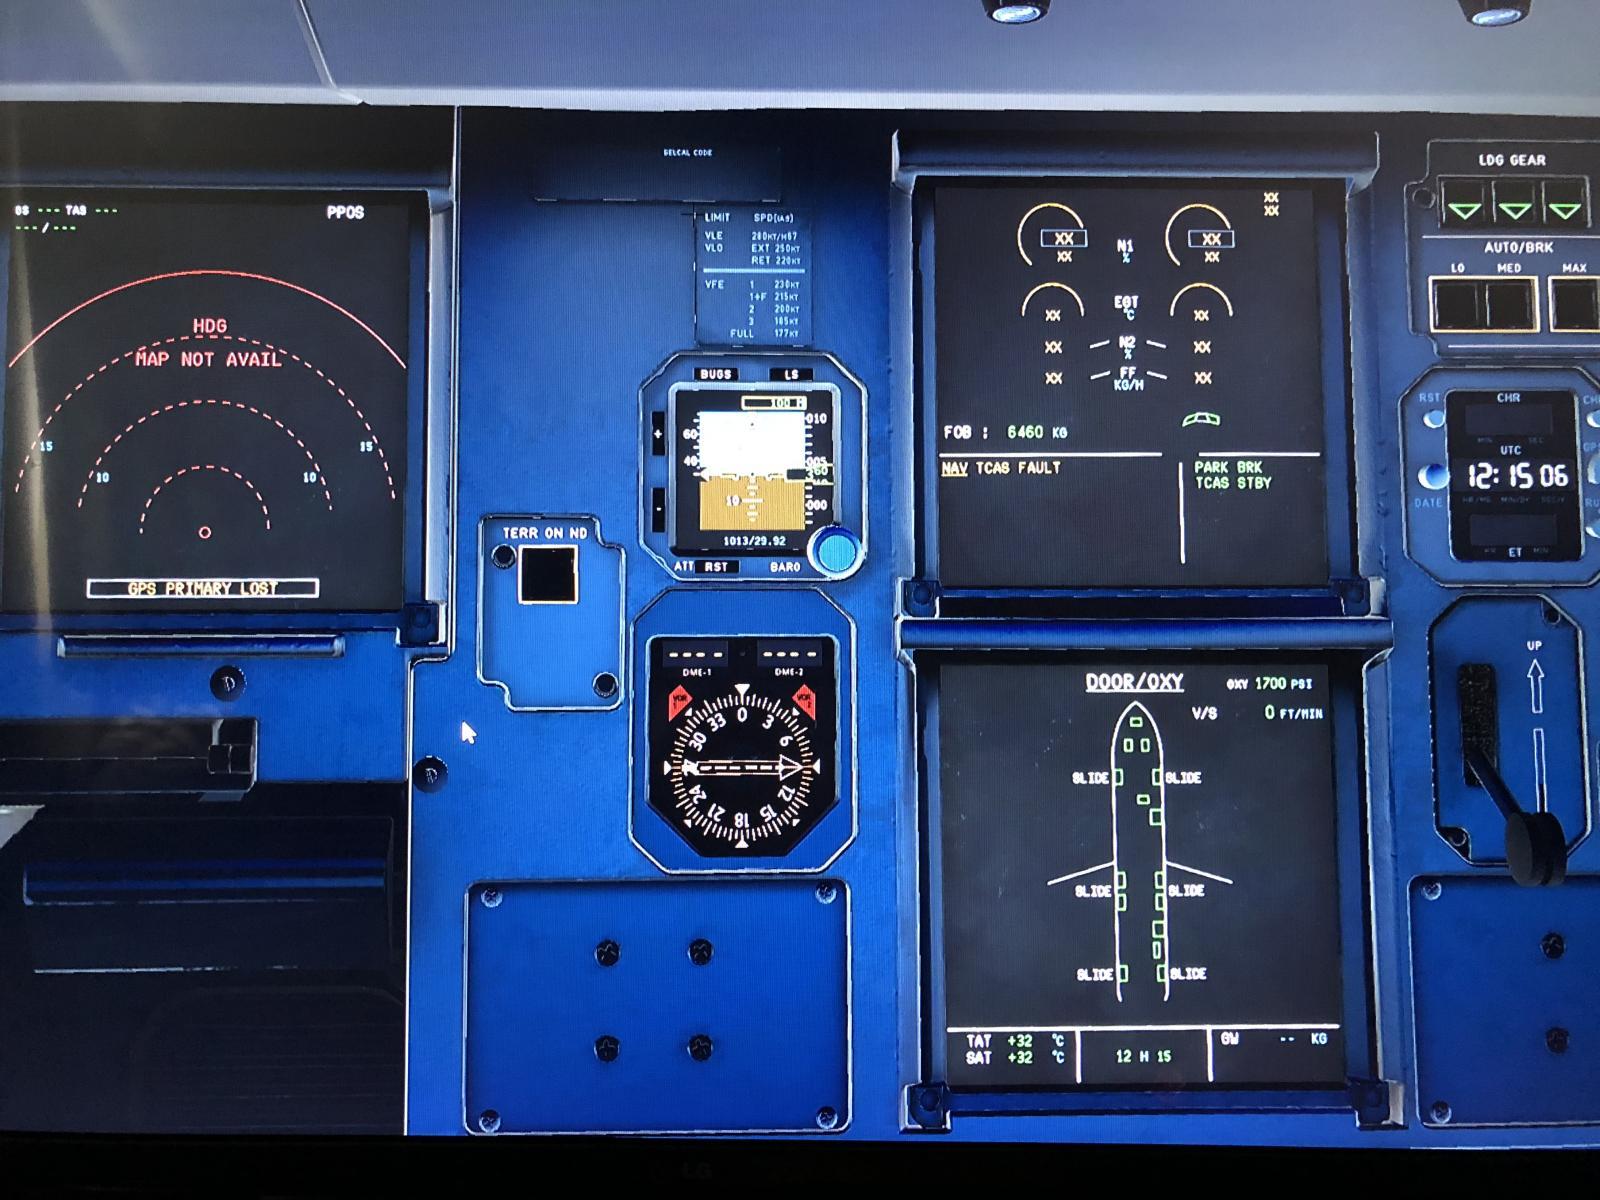 Flight Factor A320 Adirs/Nav Tcas Fault - General X-Plane